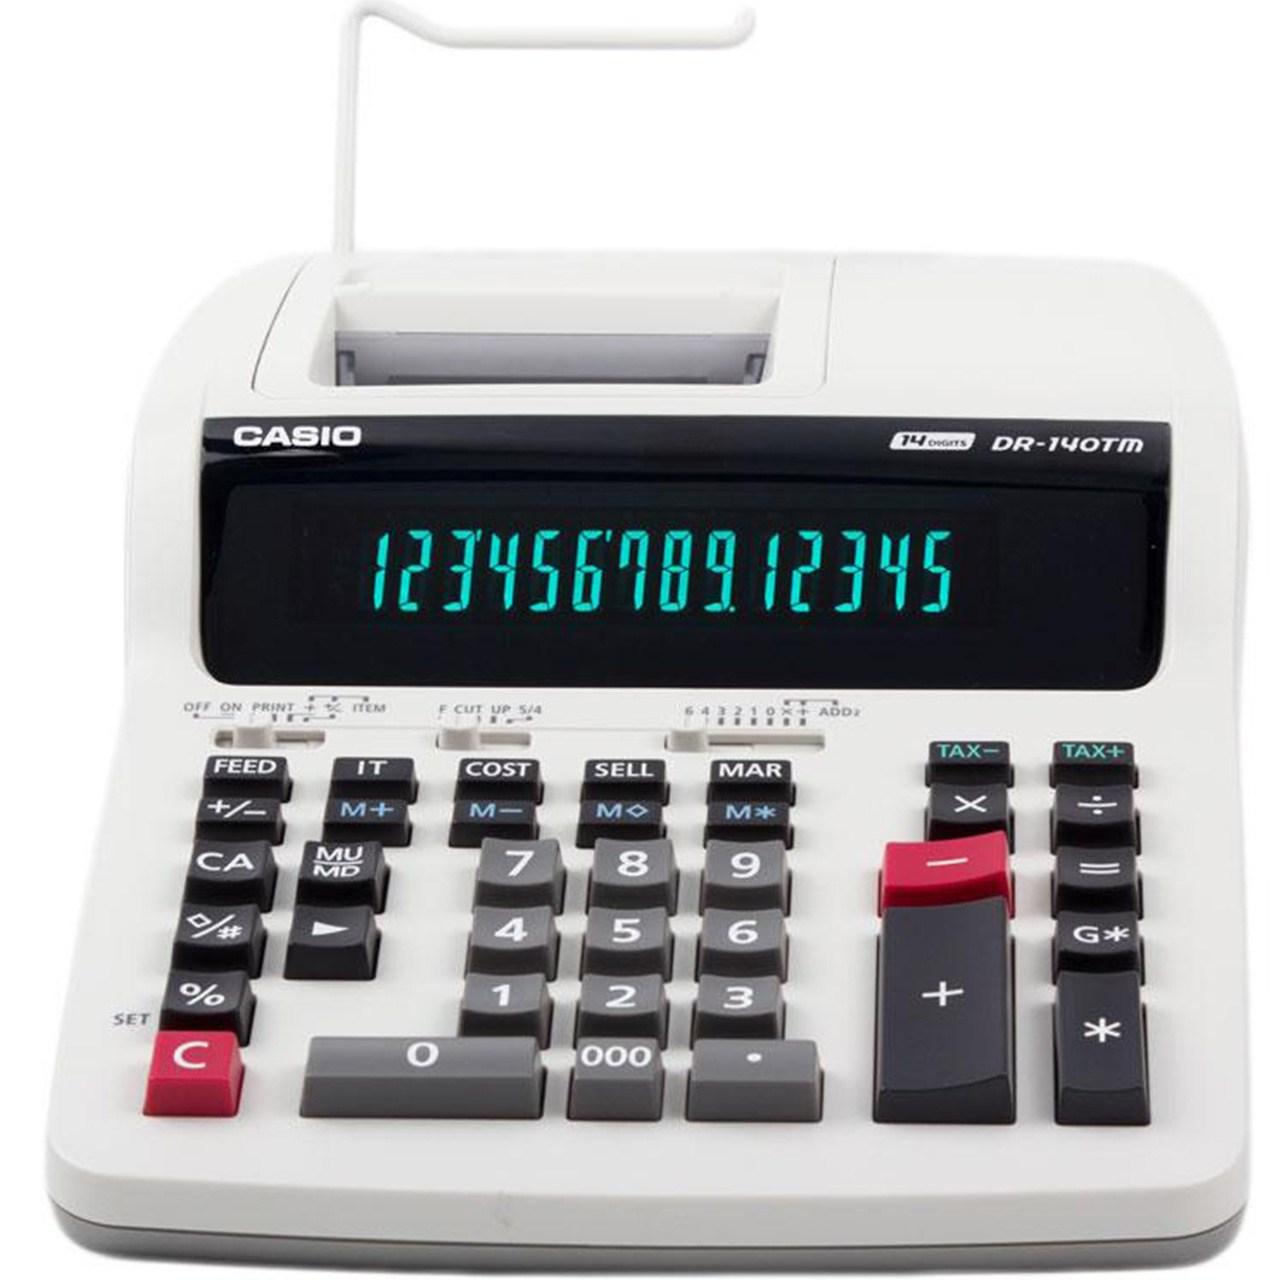 ماشین حساب کاسیو مدل DR-140TM